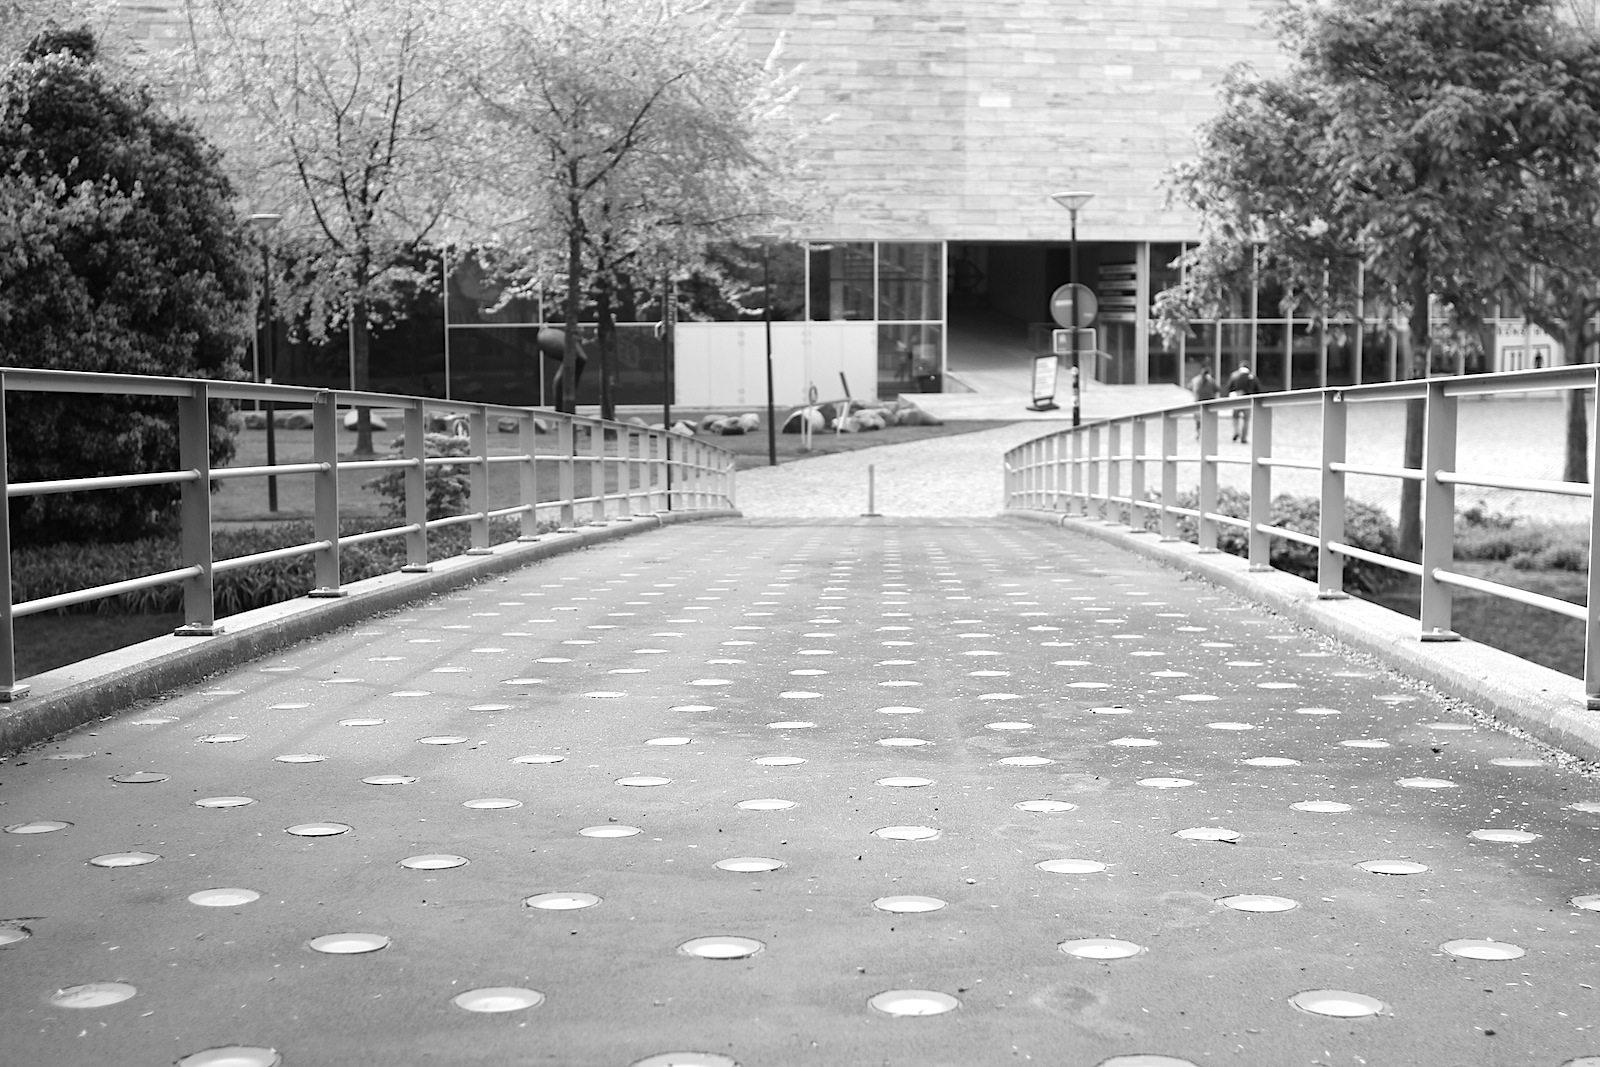 Museumspark Rotterdam.  Teile des Parks hat Roberto Burle Marx (1909–1994) geschaffen. Marx war brasilianischer Landschaftsarchitekt und Maler. Die Brücke führt vom Museum Boijmans Van Beuningen kommend gen Kunsthal Rotterdam.